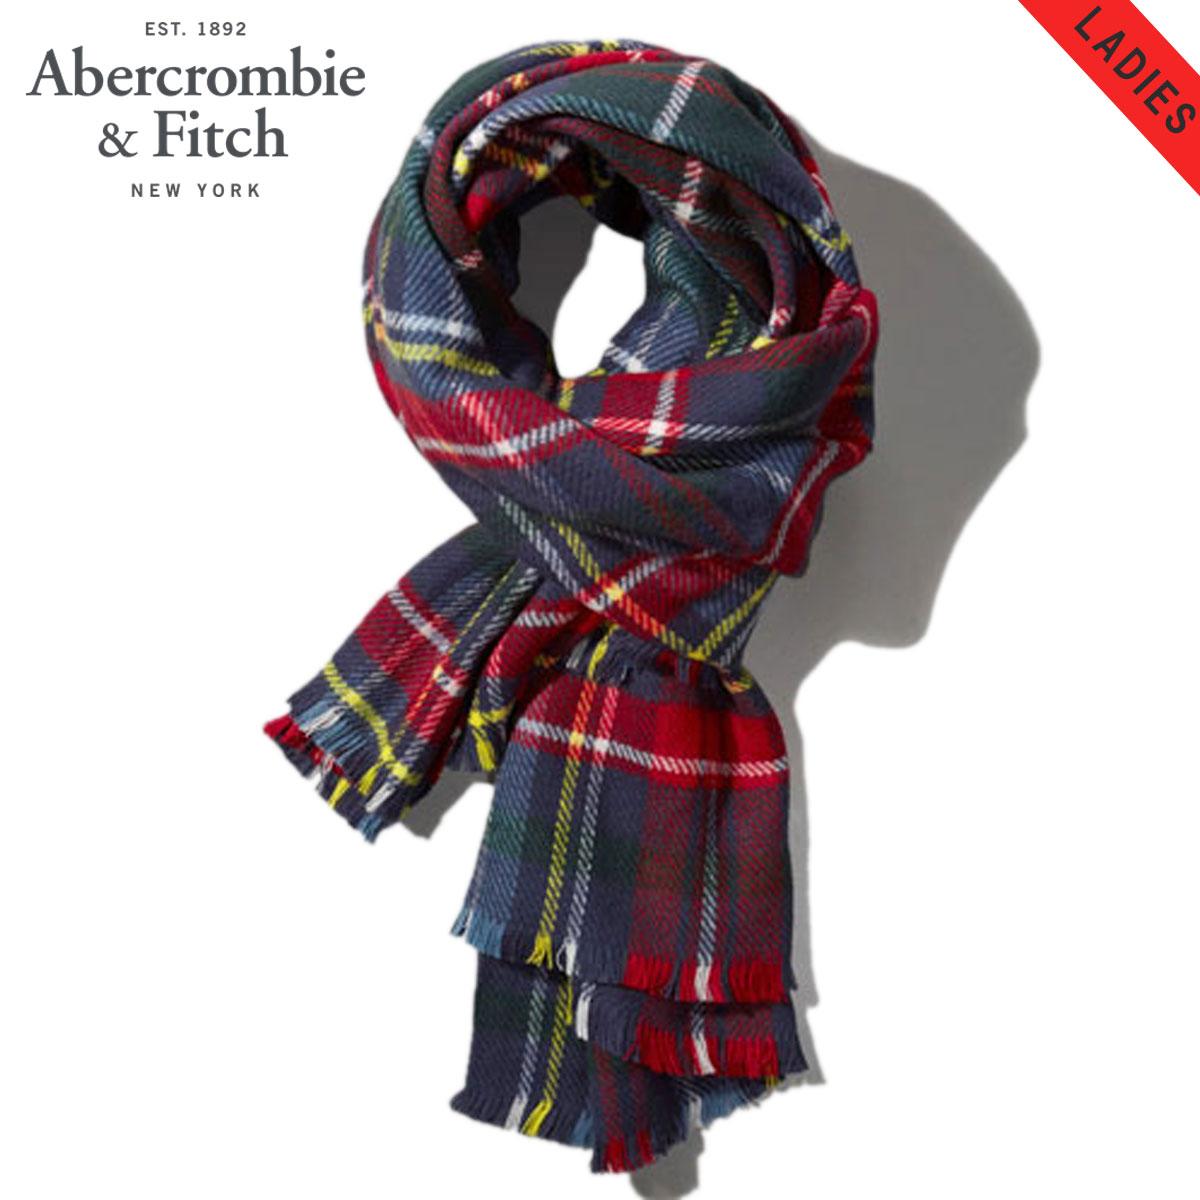 【販売期間 10/18 10:00〜10/26 1:59】 アバクロ Abercrombie&Fitch 正規品 スカーフ TheBlanketScarf 154-540-0326-023 D15S25